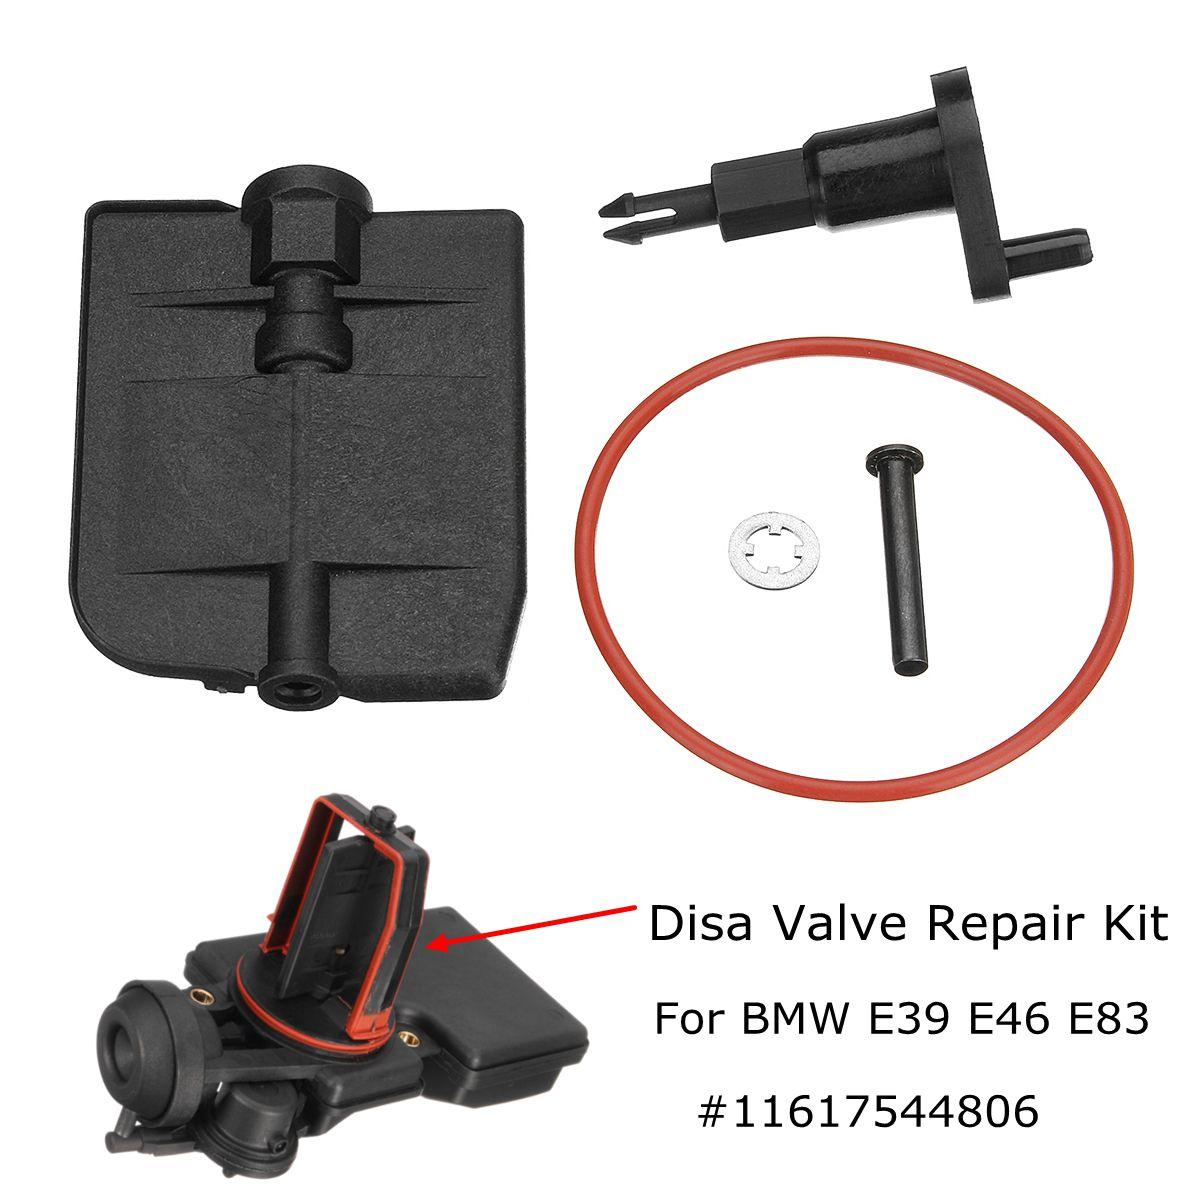 Intake Manifold DISA Valve Repair Kit 11617544806 For BMW E39 E46 E83 325i 525i M54 2.5 2001-2006